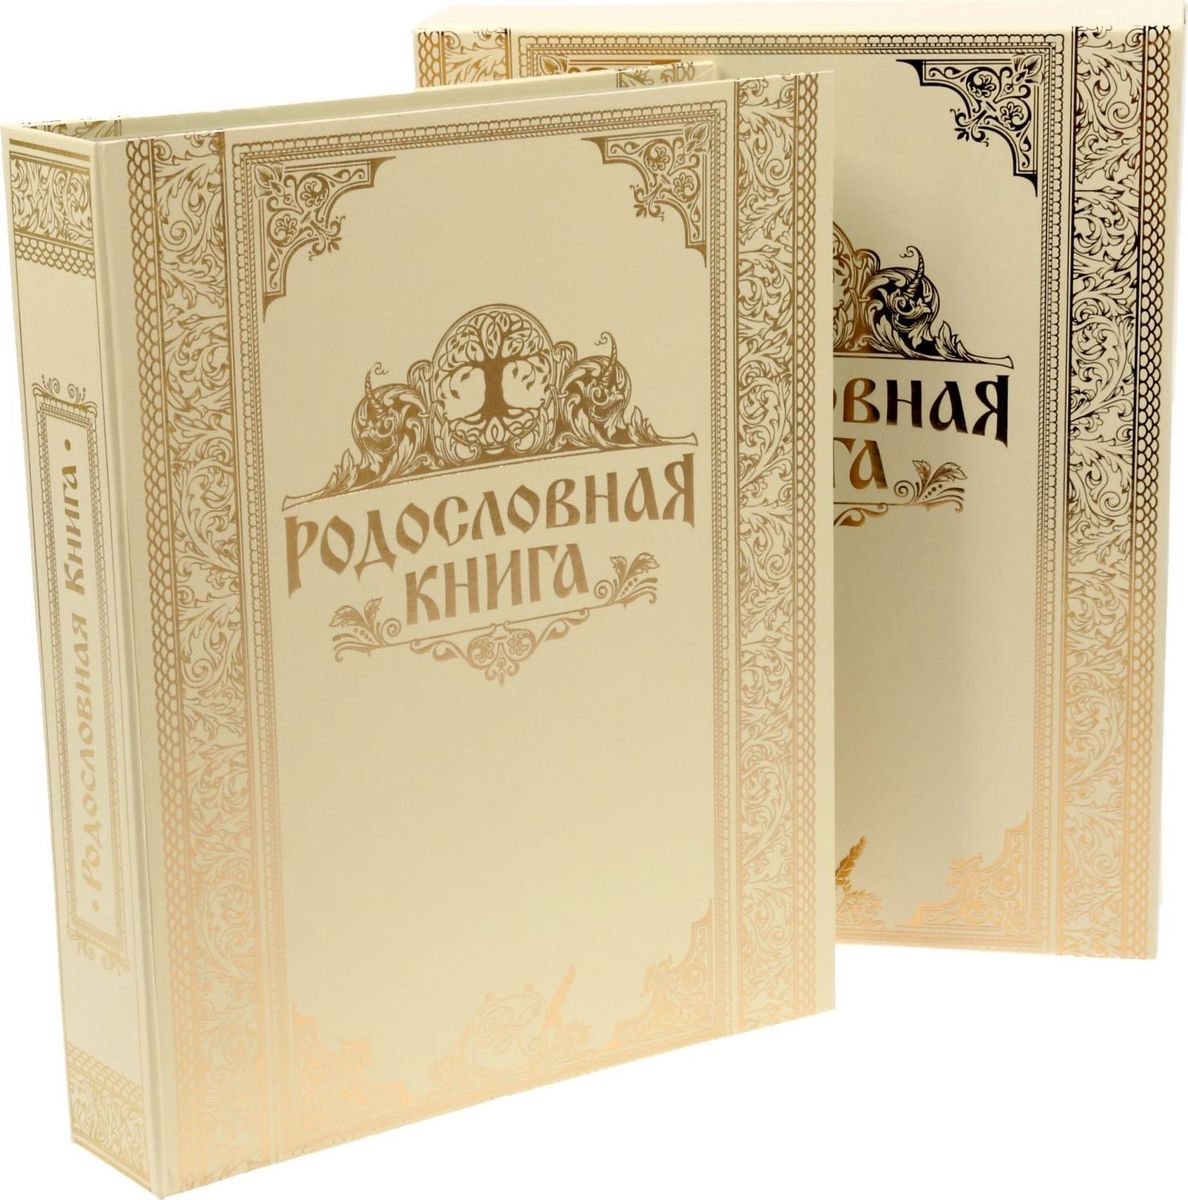 Родословная книга Золотая, 24 х 31 х 6,1 см книга родословная купить в екатеринбурге